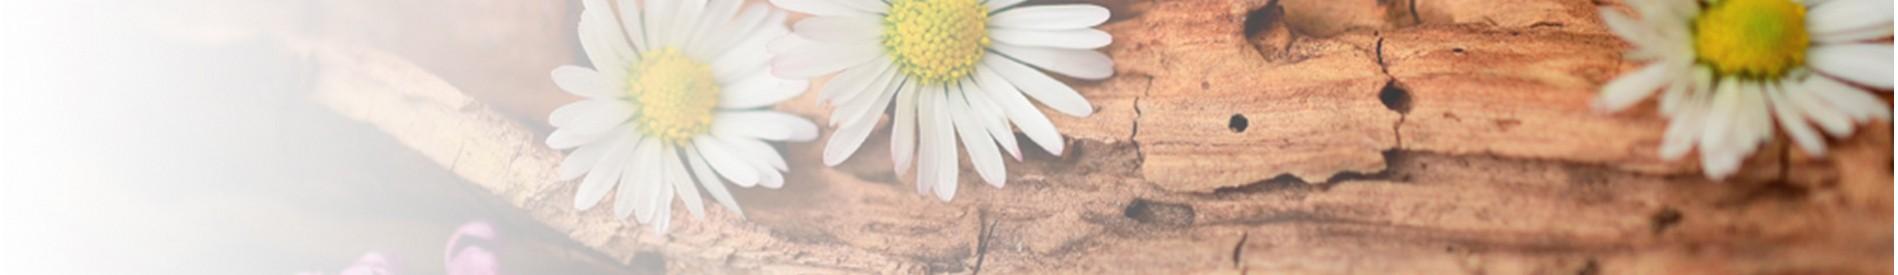 Cremas Ecológicas y Naturales para Hombres. Certificado BIO ✅